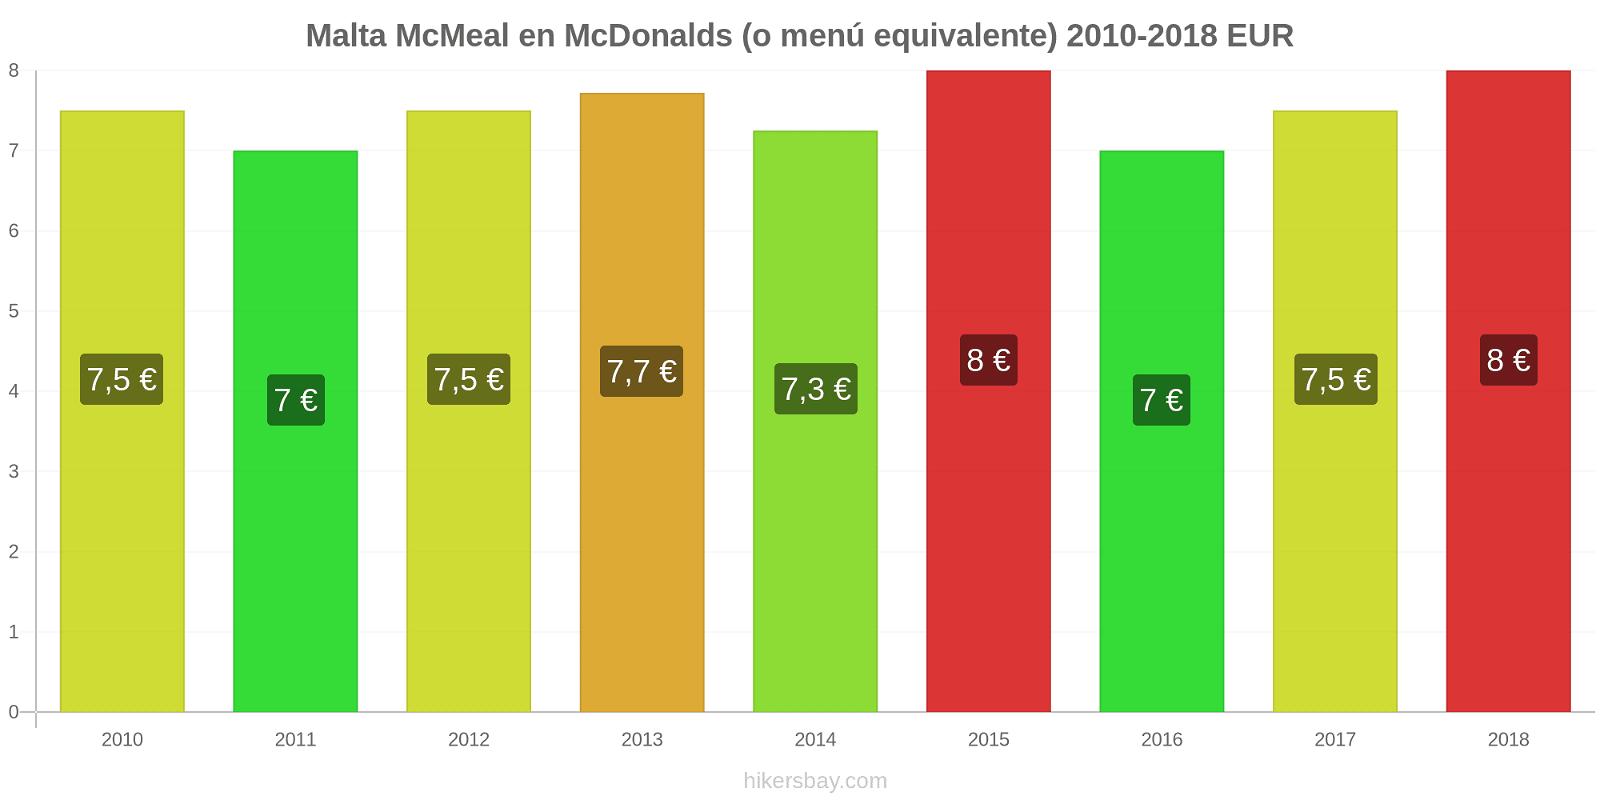 Malta cambios de precios McMeal en McDonalds (o menú equivalente) hikersbay.com